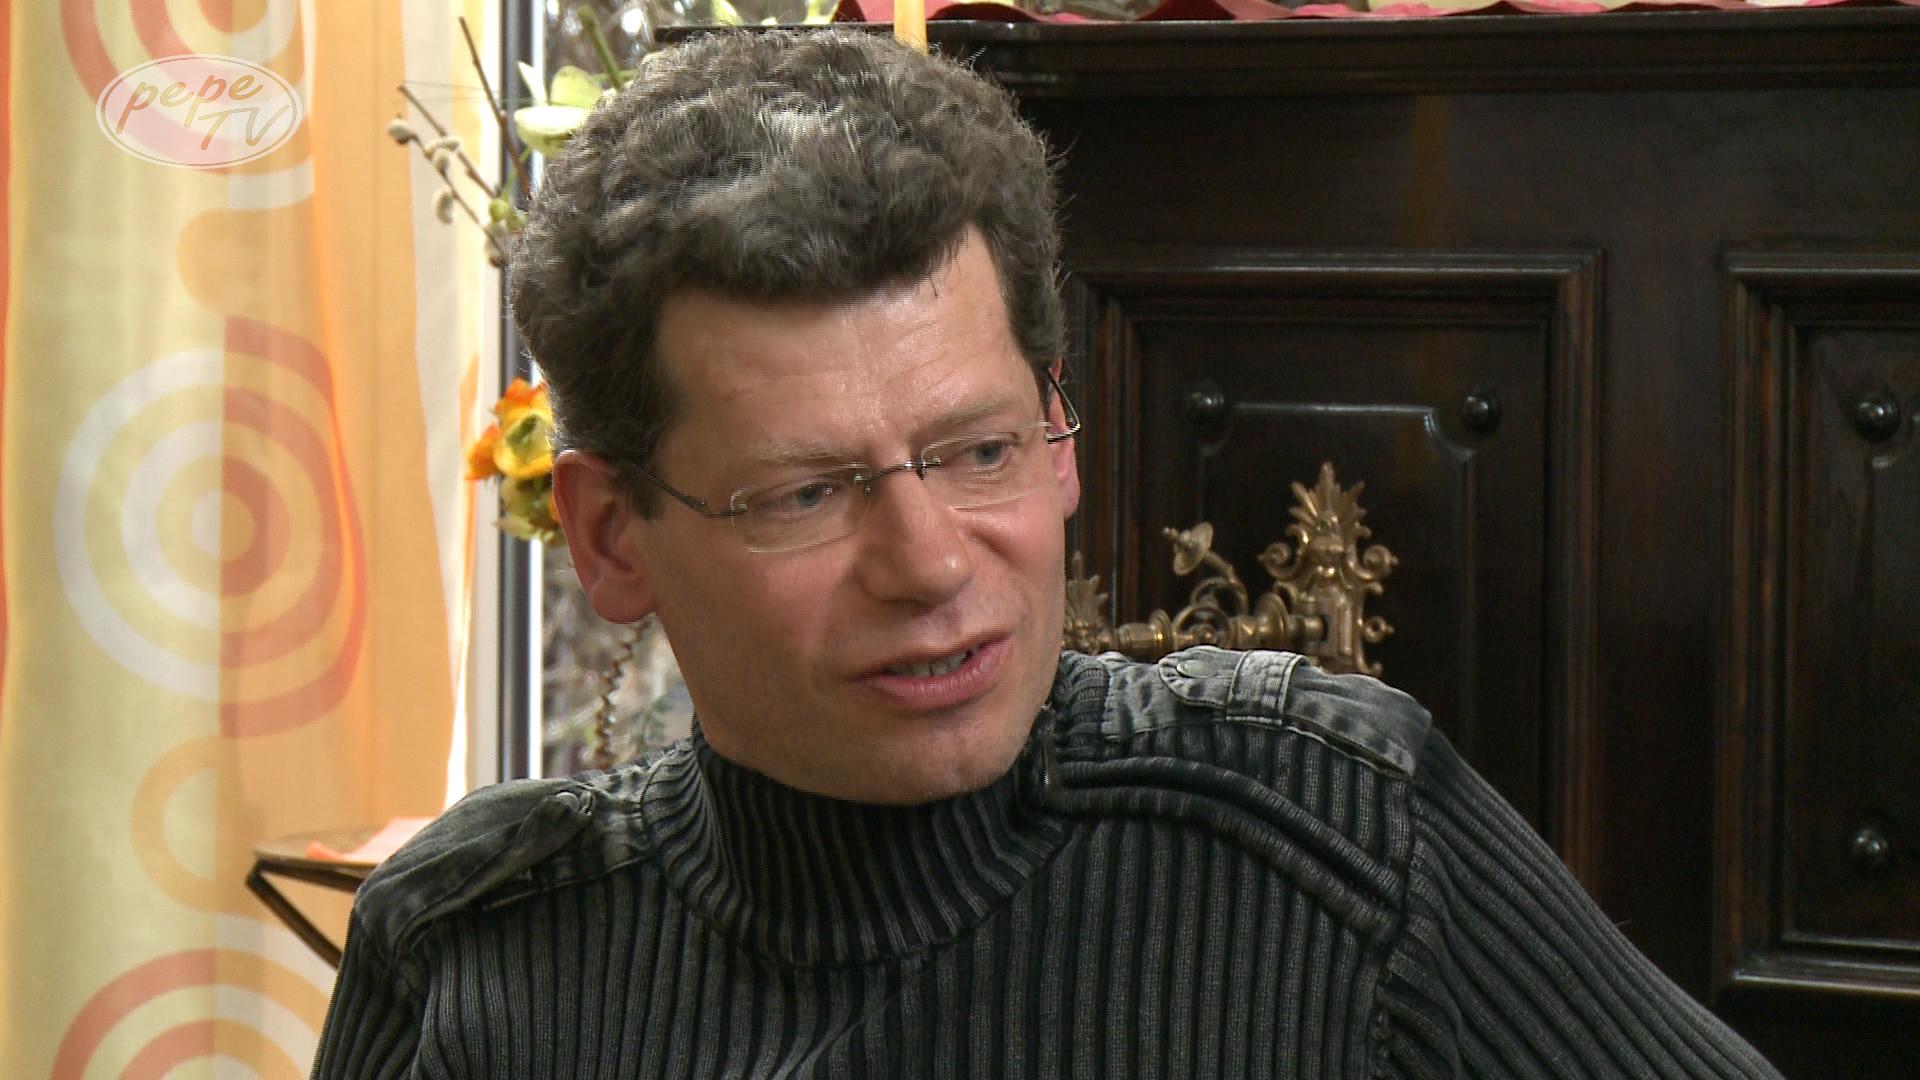 Tomasz Wakarecy